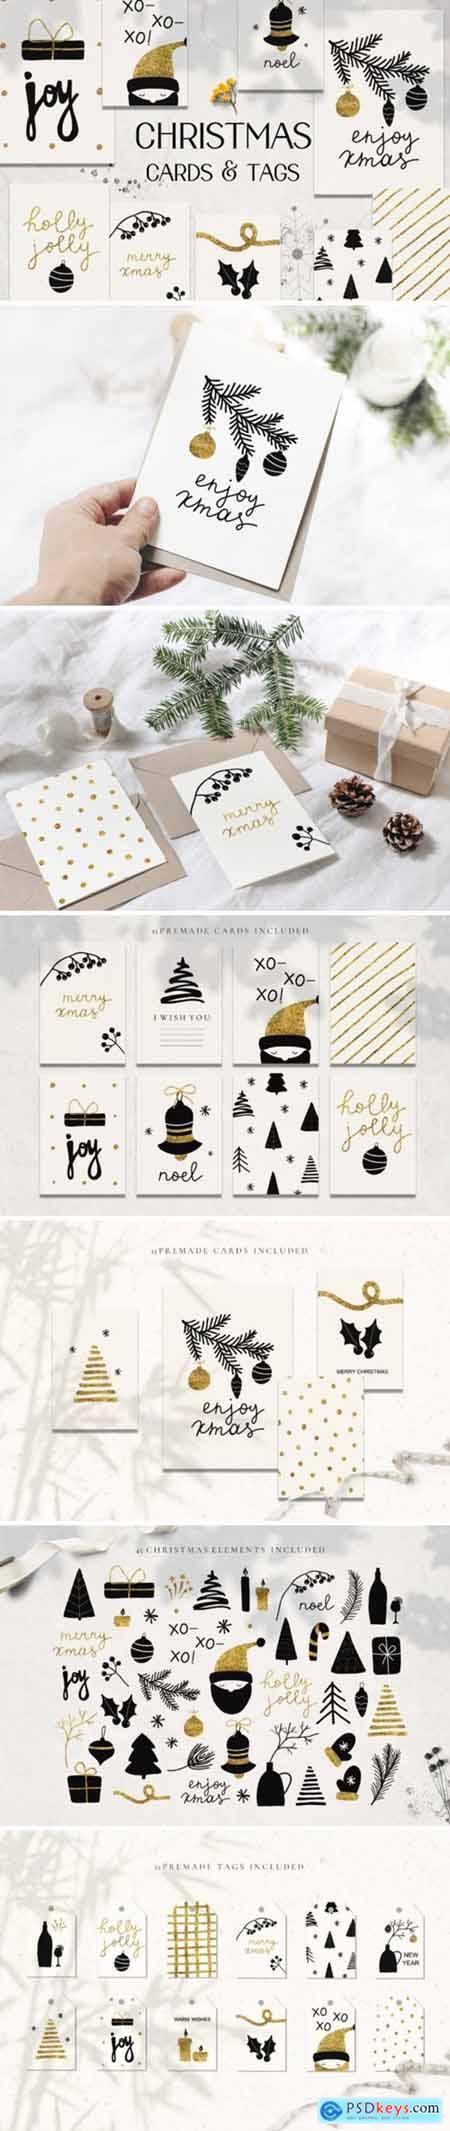 Christmas Holiday Cards & Tags Set 2202750